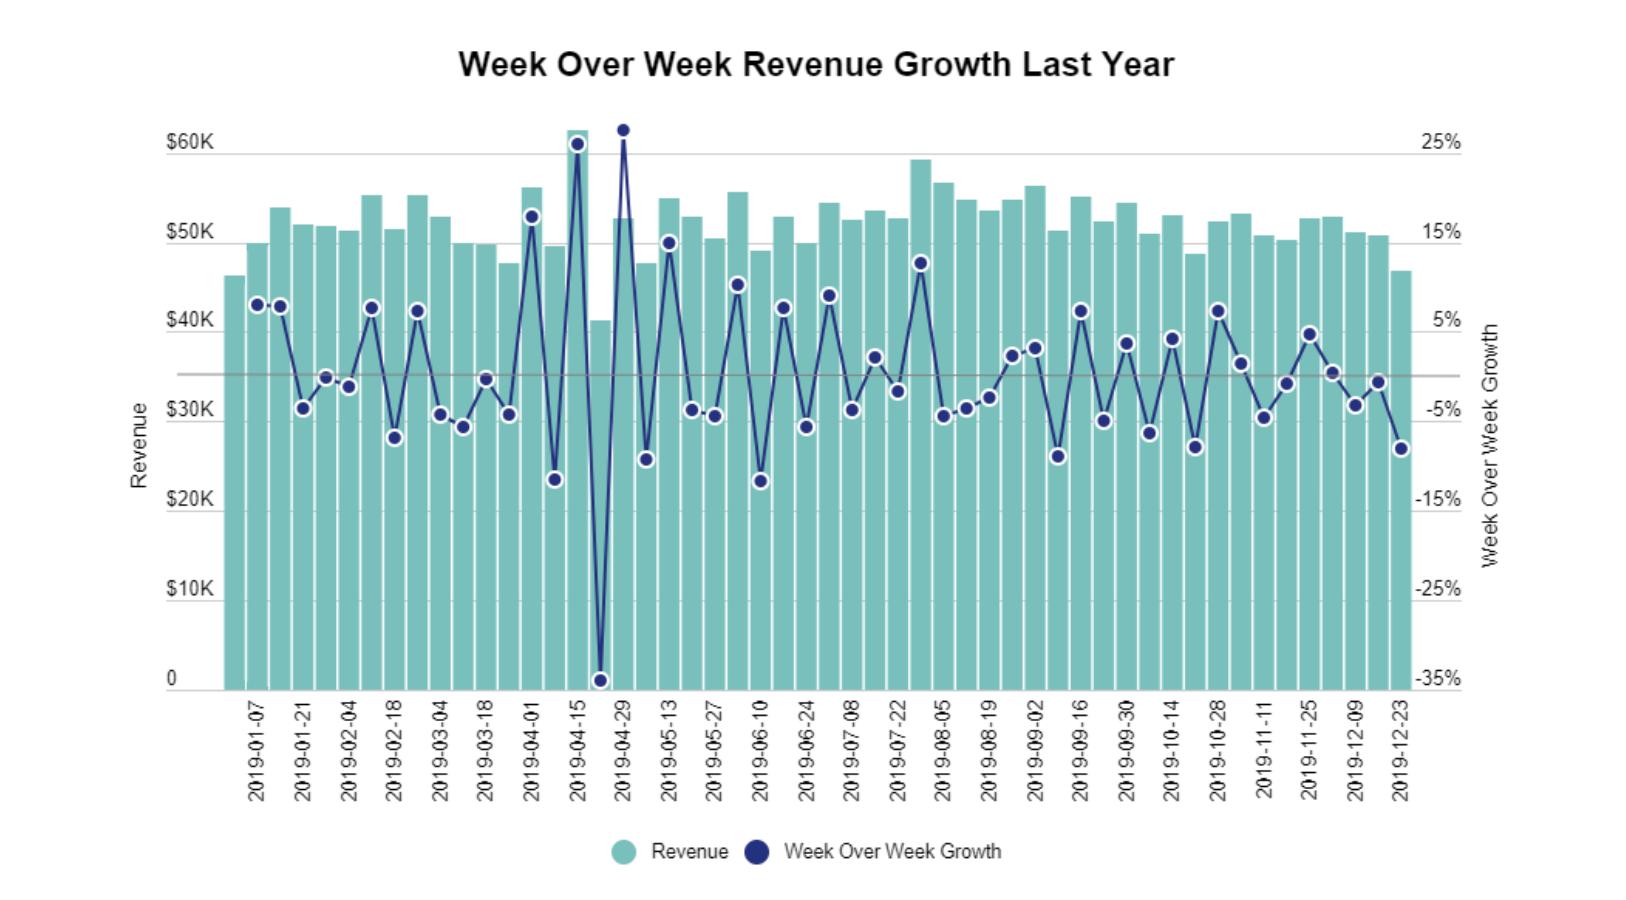 WEEK OVER WEEK REVENUE GROWTH LAST YEAR